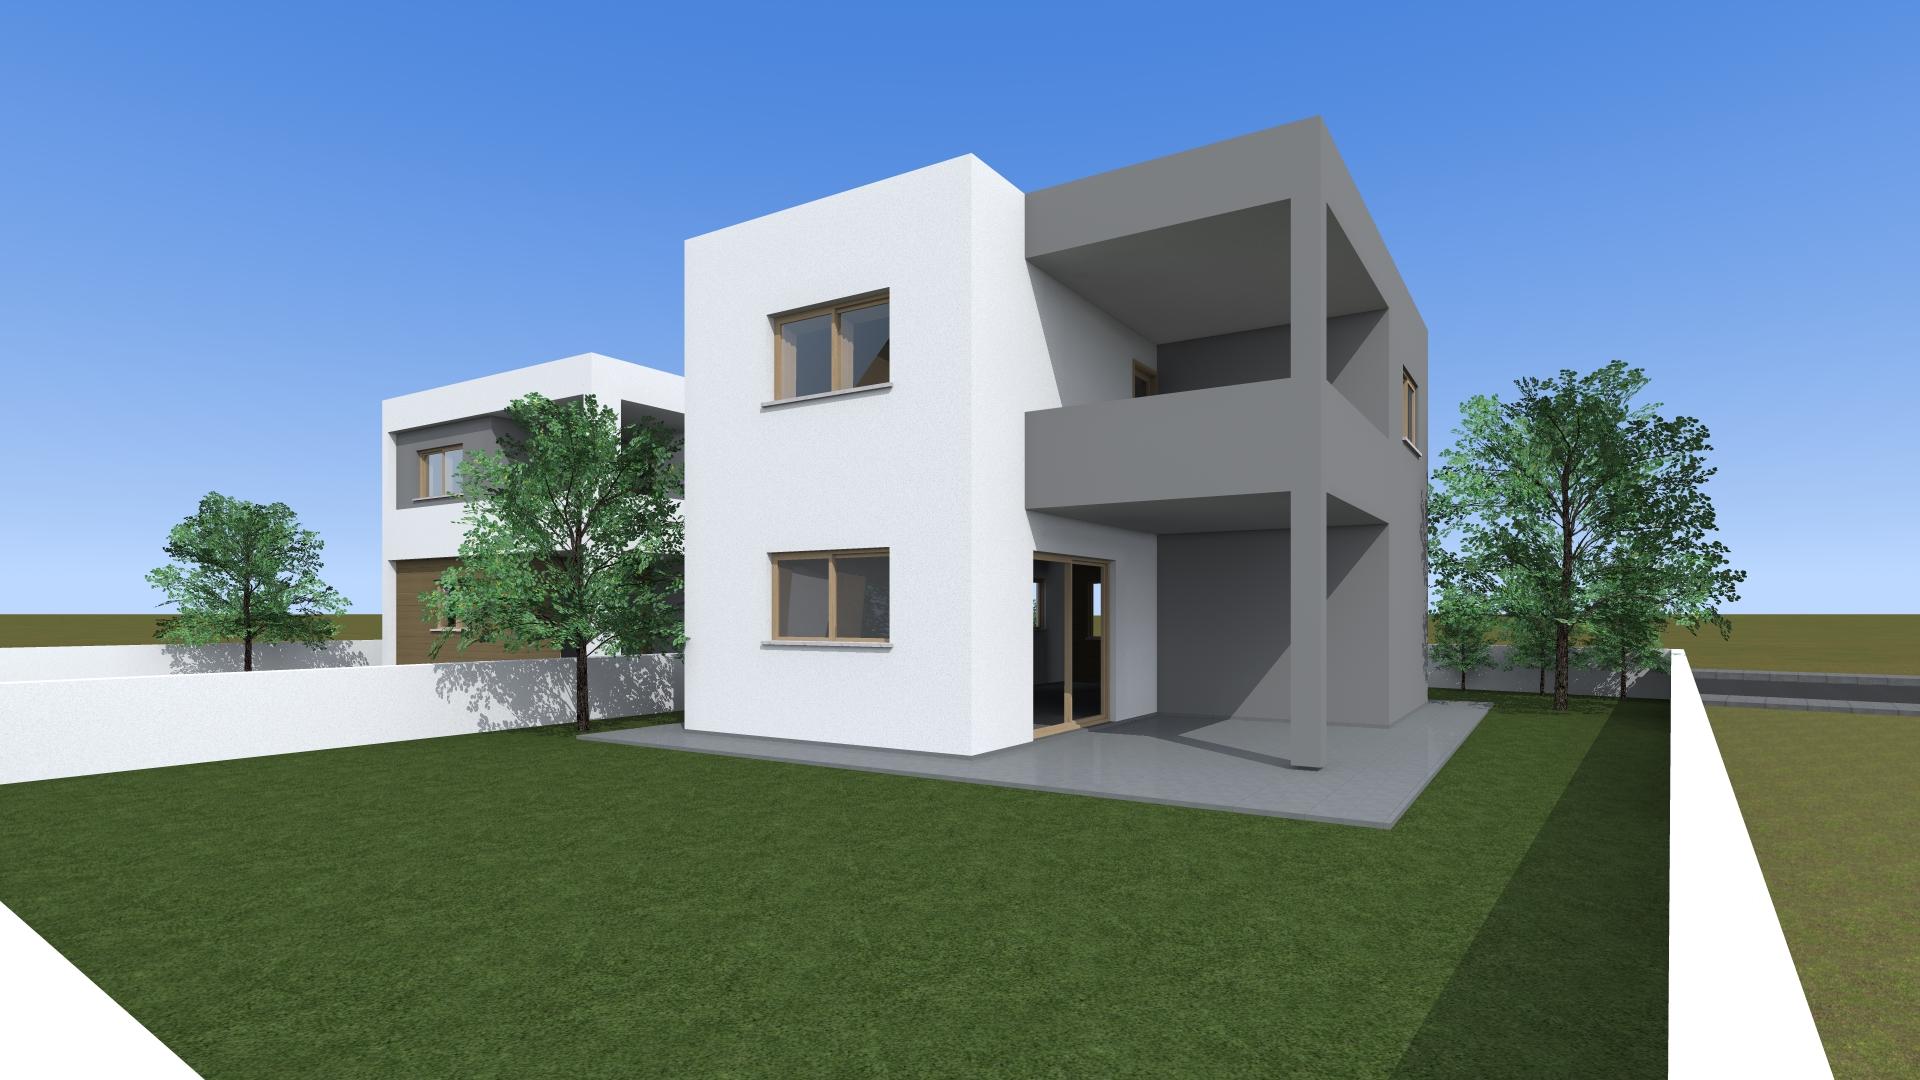 SKYLINE HOUSE A